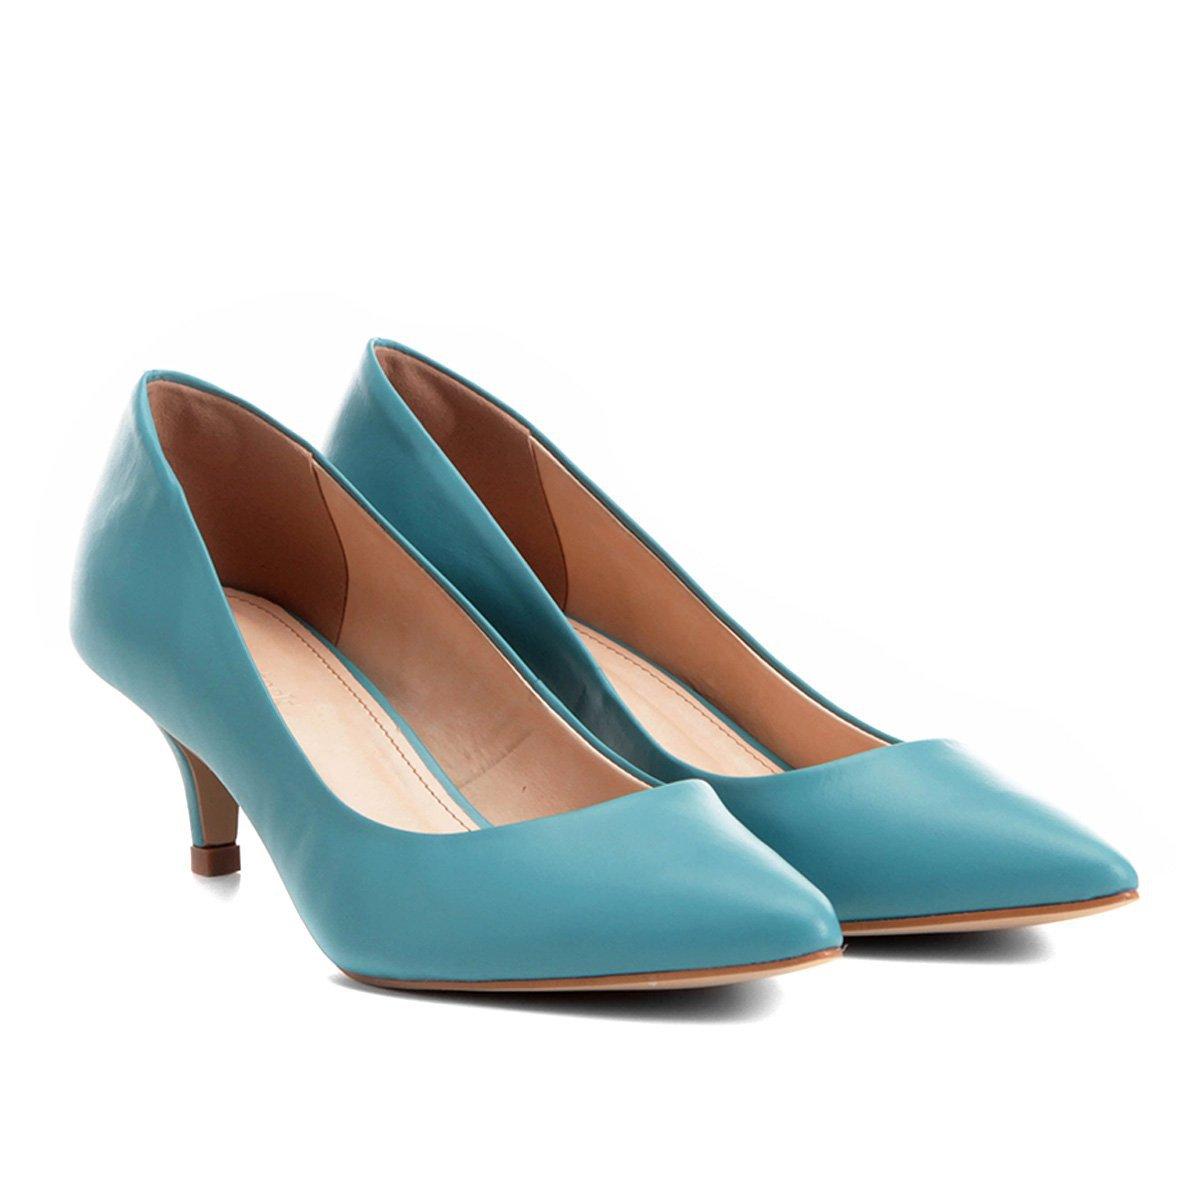 Azul Scarpin Couro Azul Shoestock Turquesa Baixo Salto Salto Scarpin Shoestock Couro Turquesa Baixo UtqpxXp